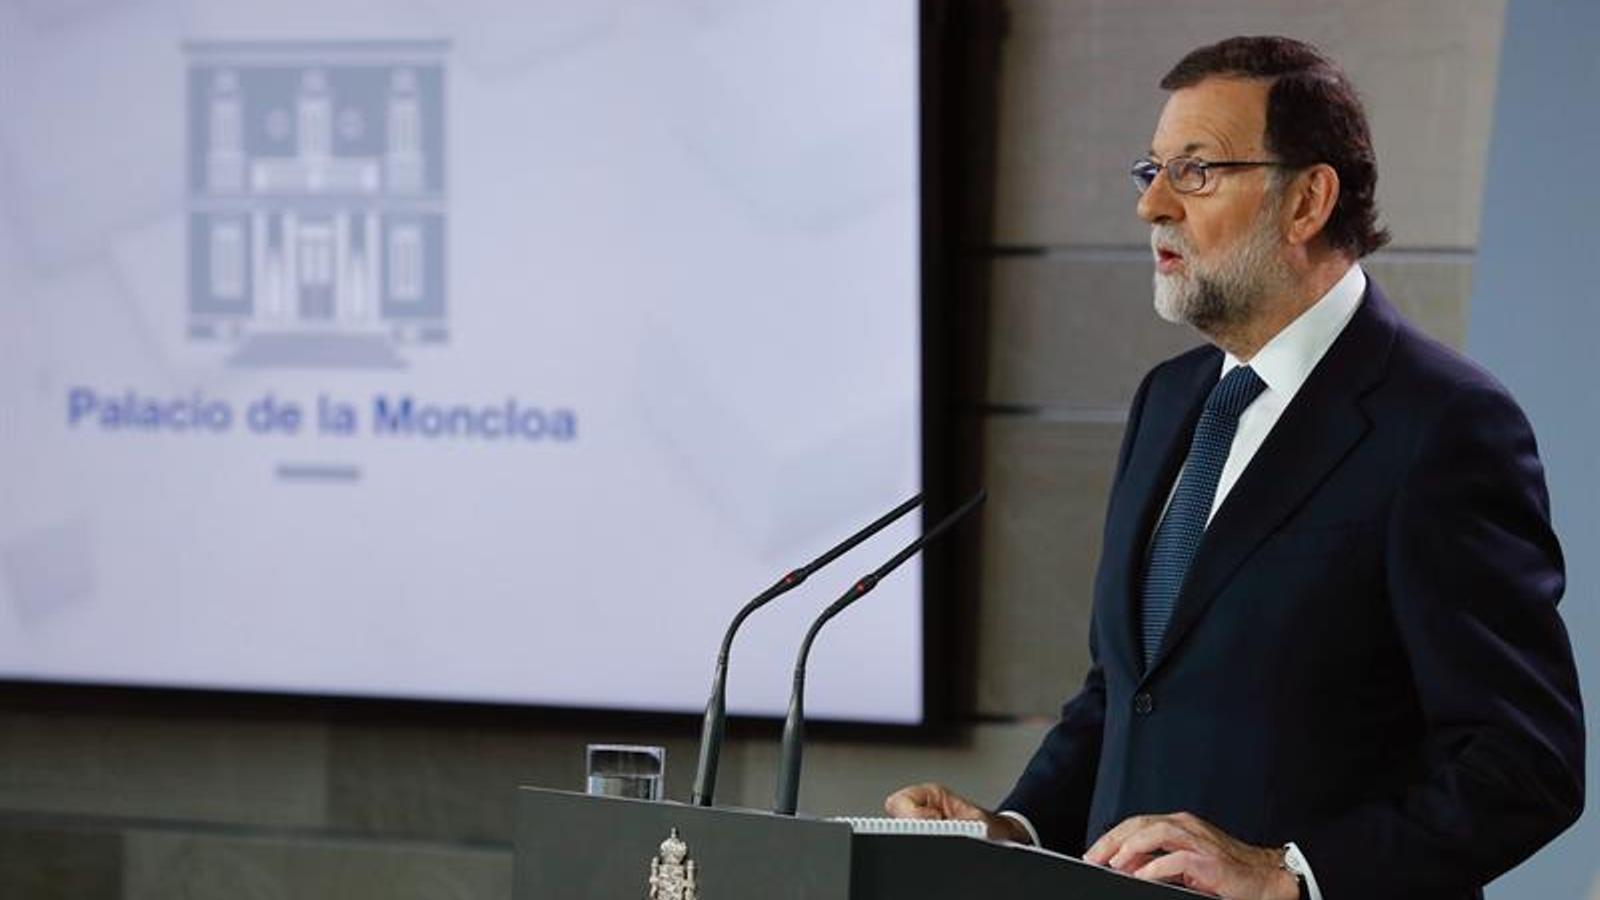 Compareixença de Mariano Rajoy a la Moncloa